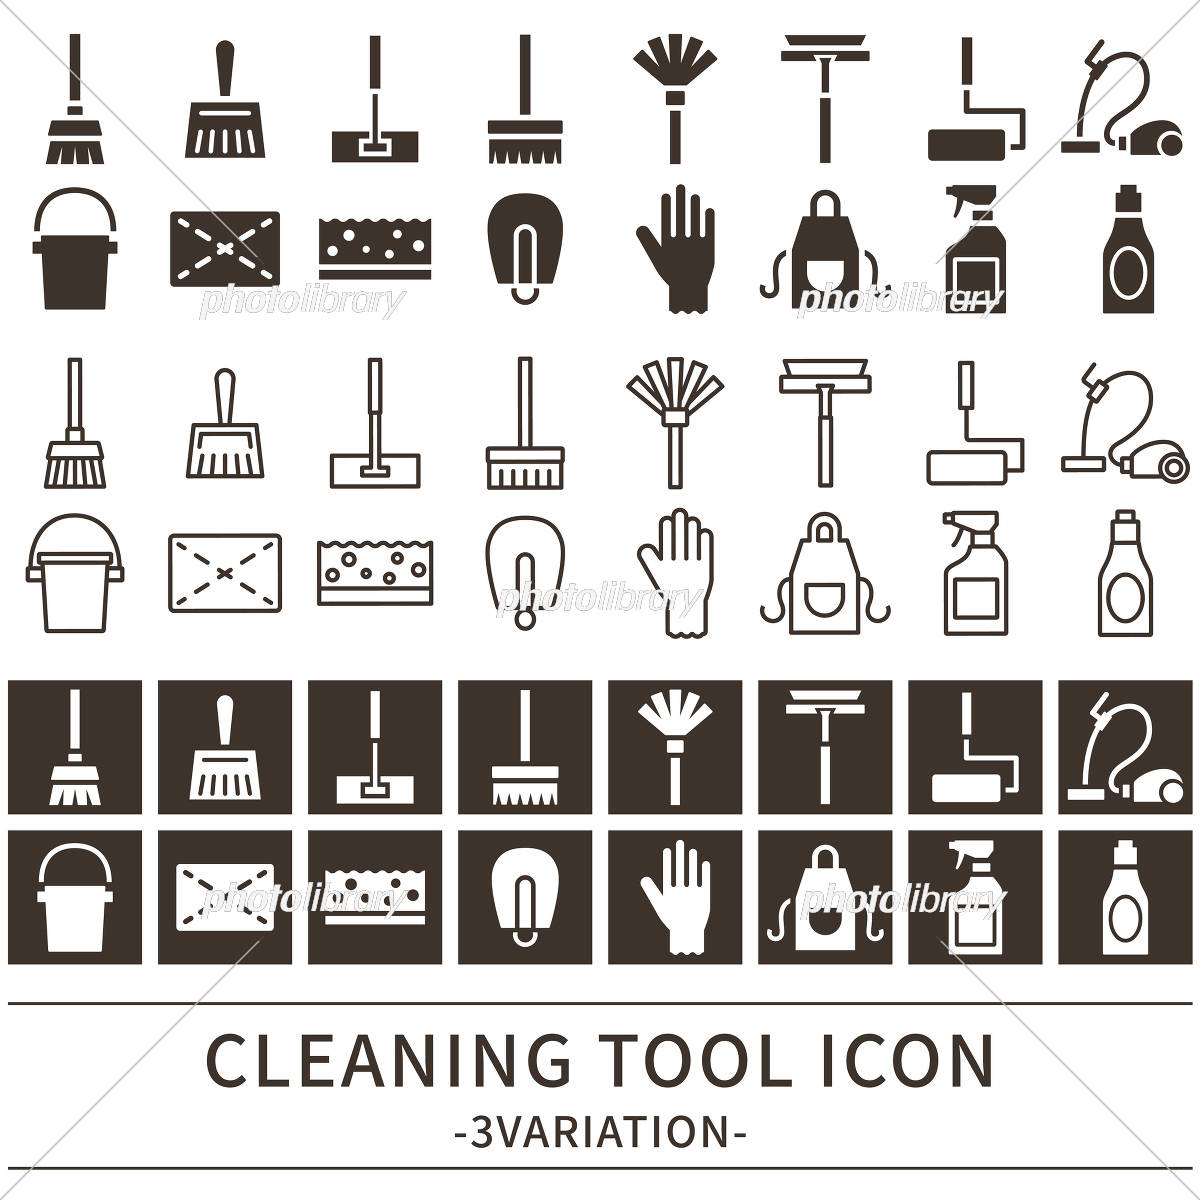 掃除道具 アイコン セット イラスト素材 [ 5222166 ] - フォトライブ